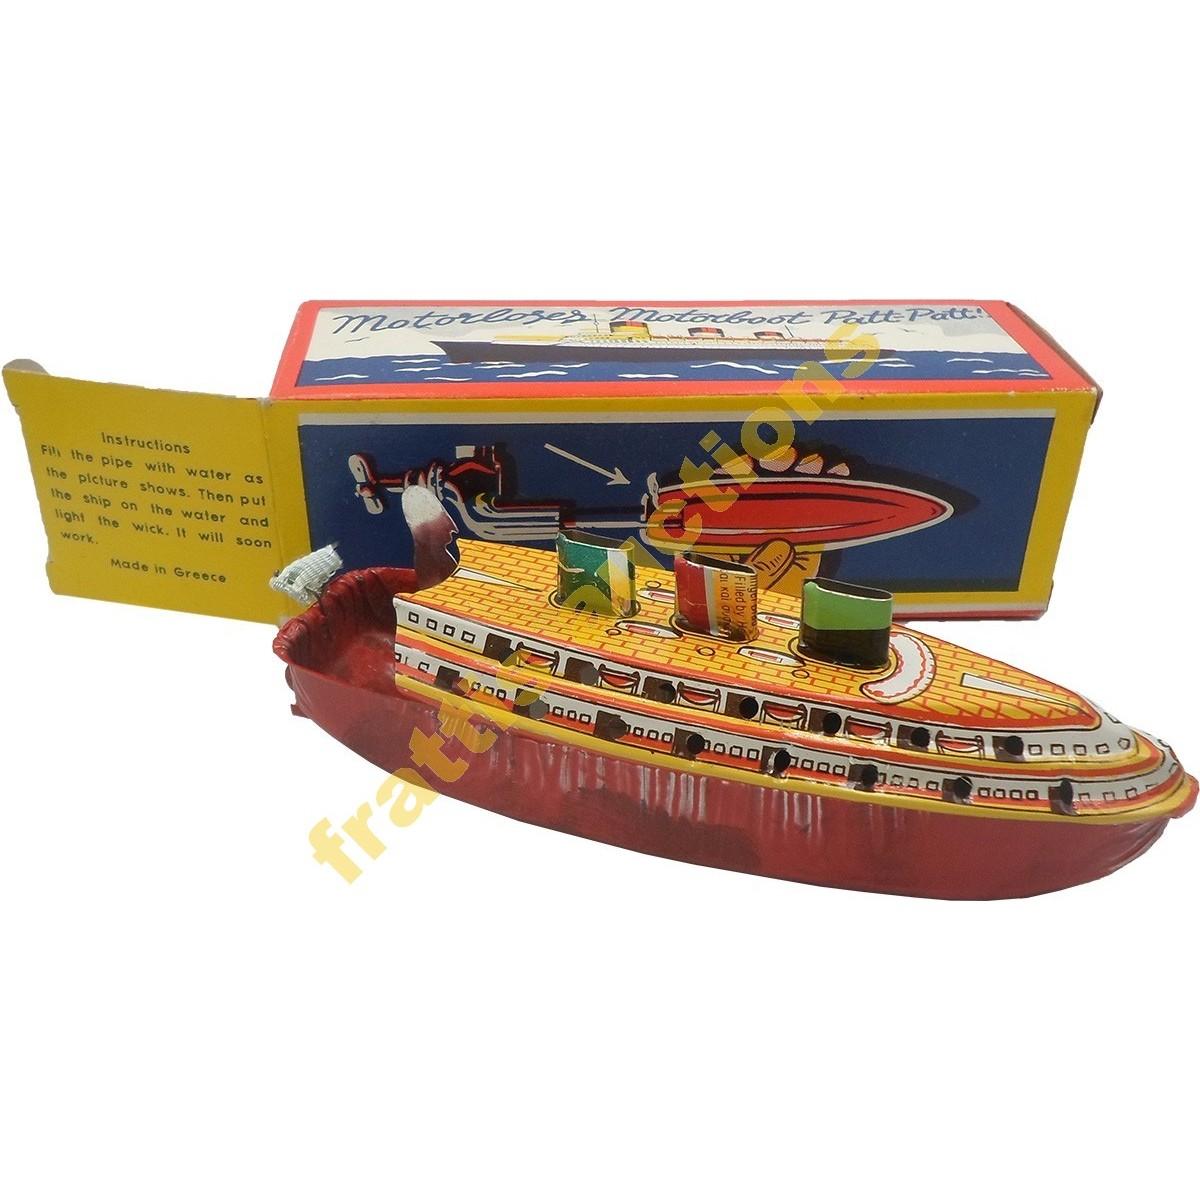 Patt-Patt τσίγκινο ατμοκίνητο καράβι 1950's